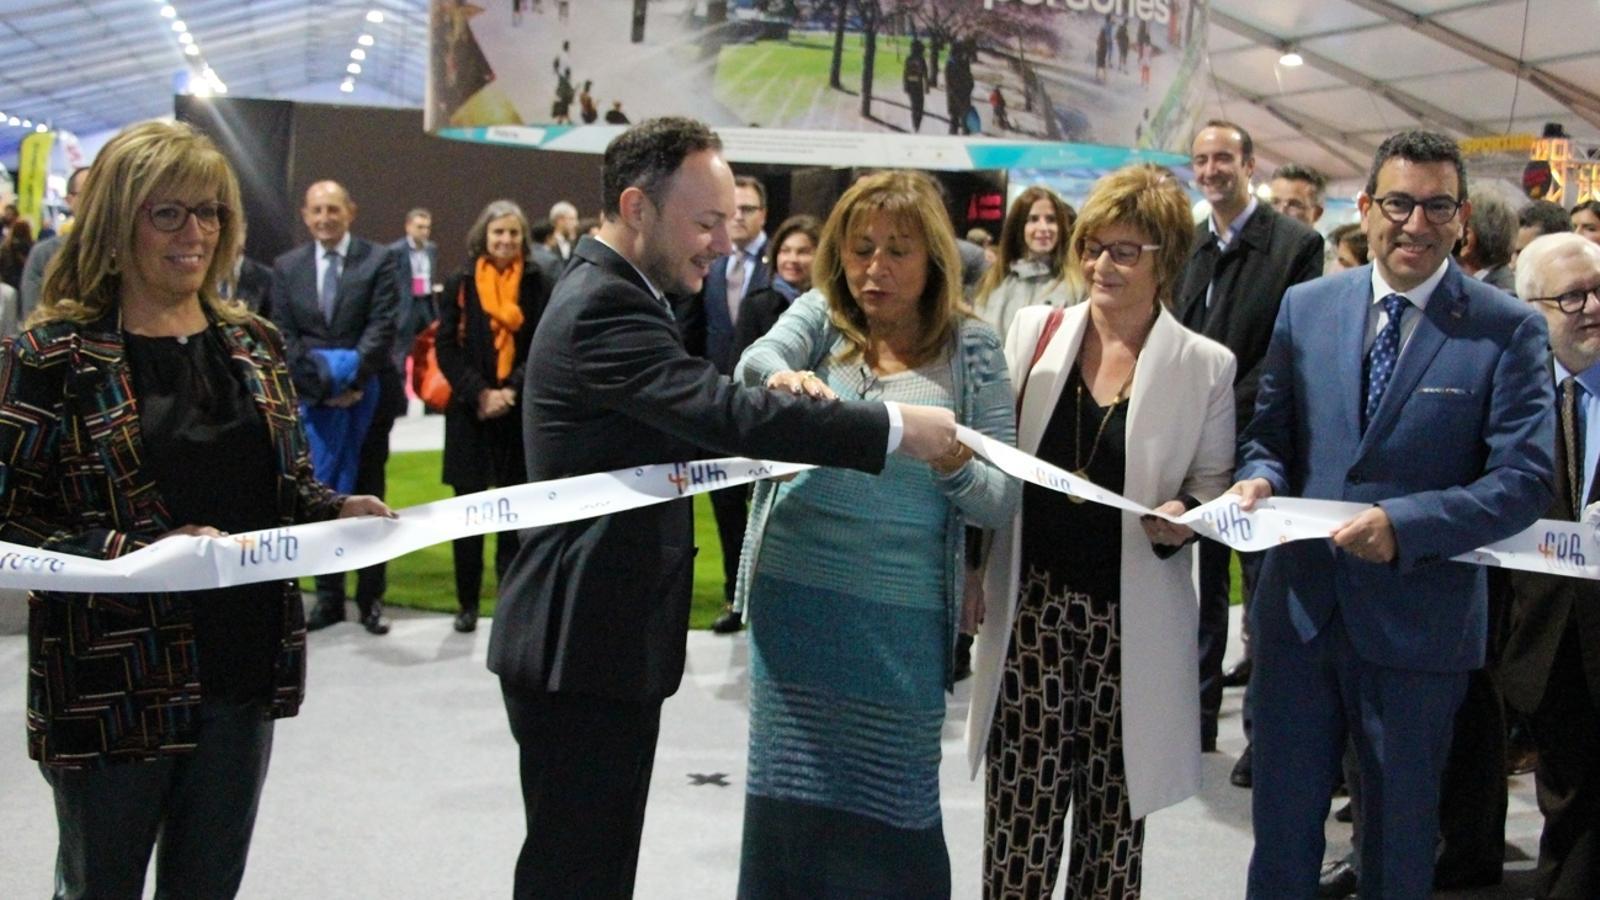 Inauguració de la 41a edició de la Fira d'Andorra la Vella. / T. N. (ANA)